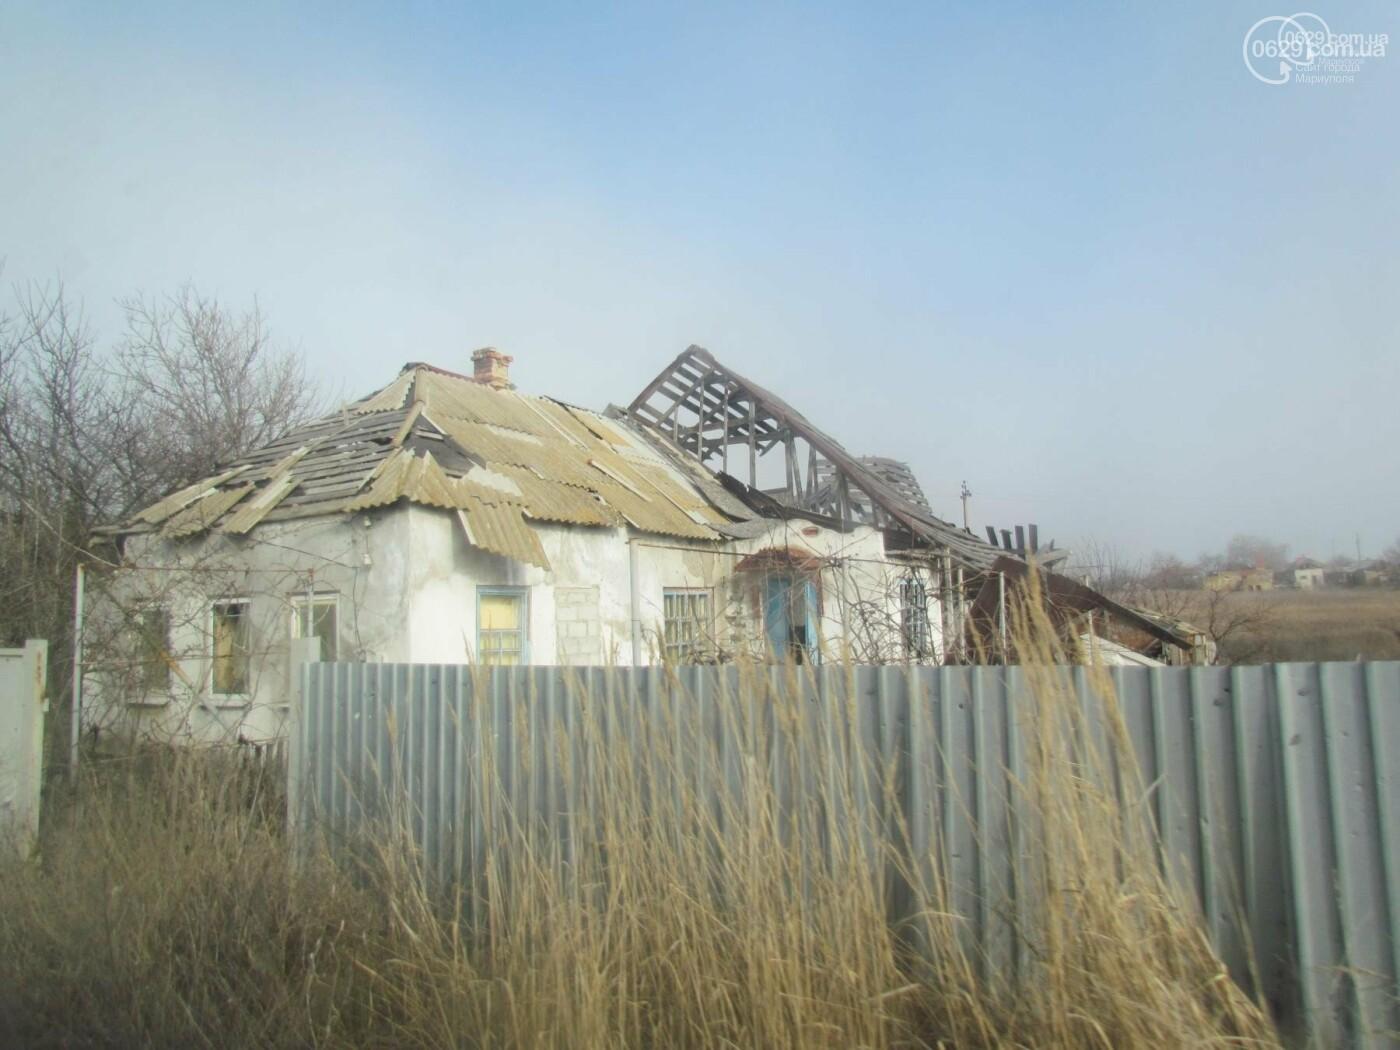 Переименование проспекта Ильича и эвакуация жителей Широкино. О чем писал 0629.com.ua 12 февраля, фото-1